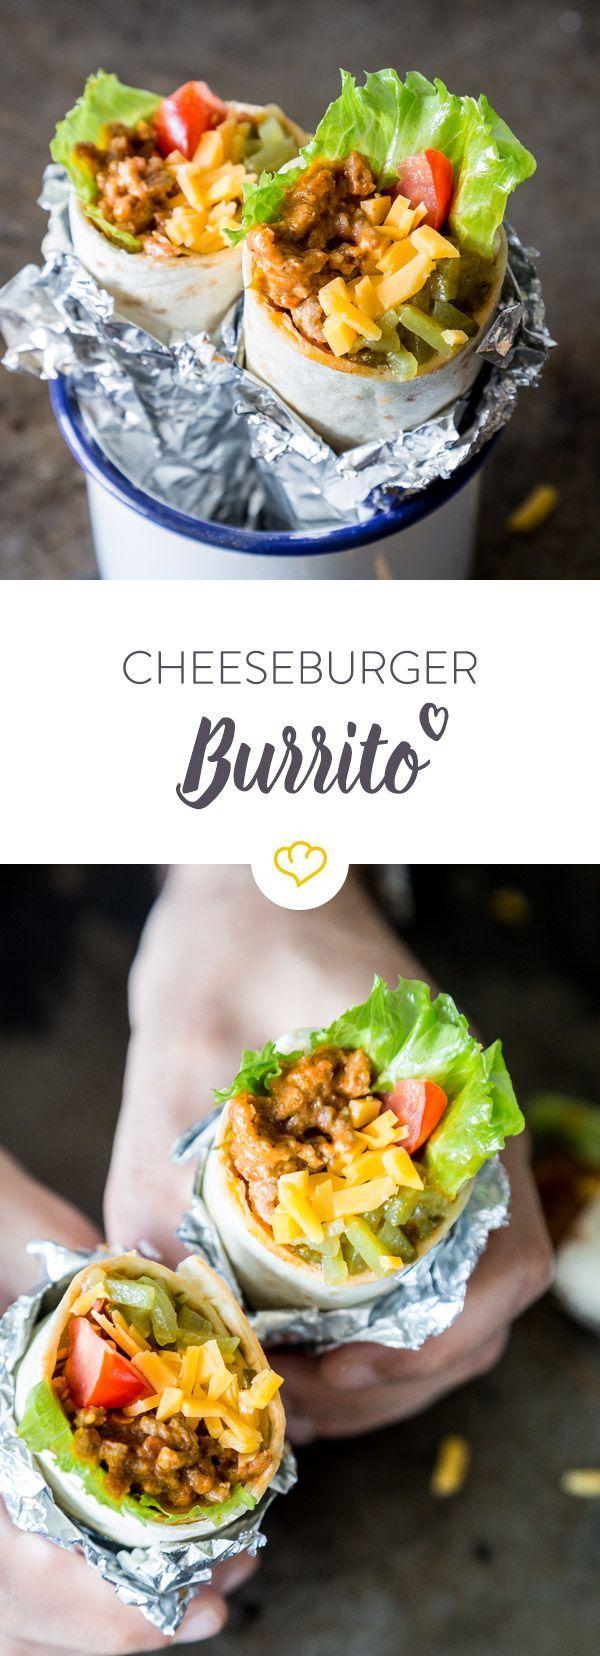 Burrito Ein guter Cheeseburger ist schon eine verdammt gute Erfindung. Ein Burrito aber auch. Trödel nicht lange rum und mixe einfach beides zusammen.Ein guter Cheeseburger ist schon eine verdammt gute Erfindung. Ein Burrito aber auch. Trödel nicht lange rum und mixe einfach beides zusammen.